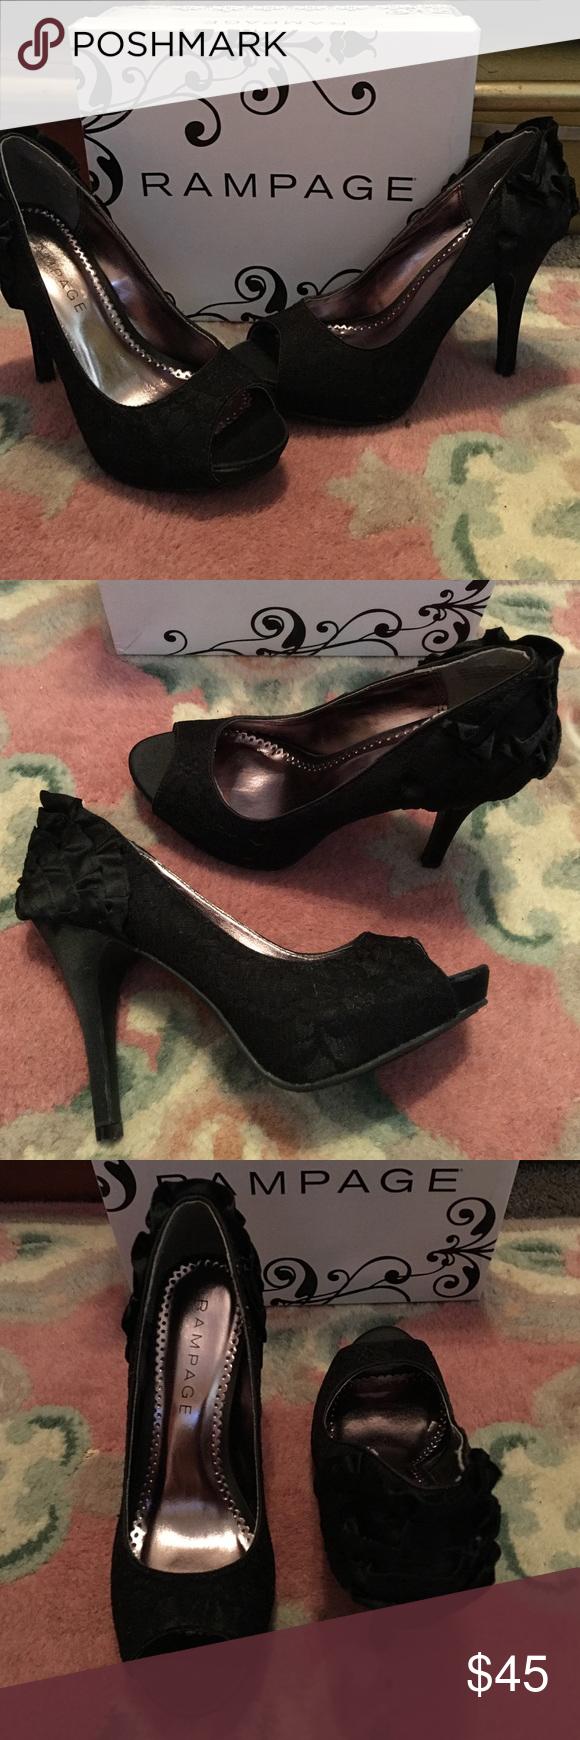 Rampage heels Brand new in box. 4 1/2 inch heel peep toe, ruffles on back of the heels Rampage Shoes Heels